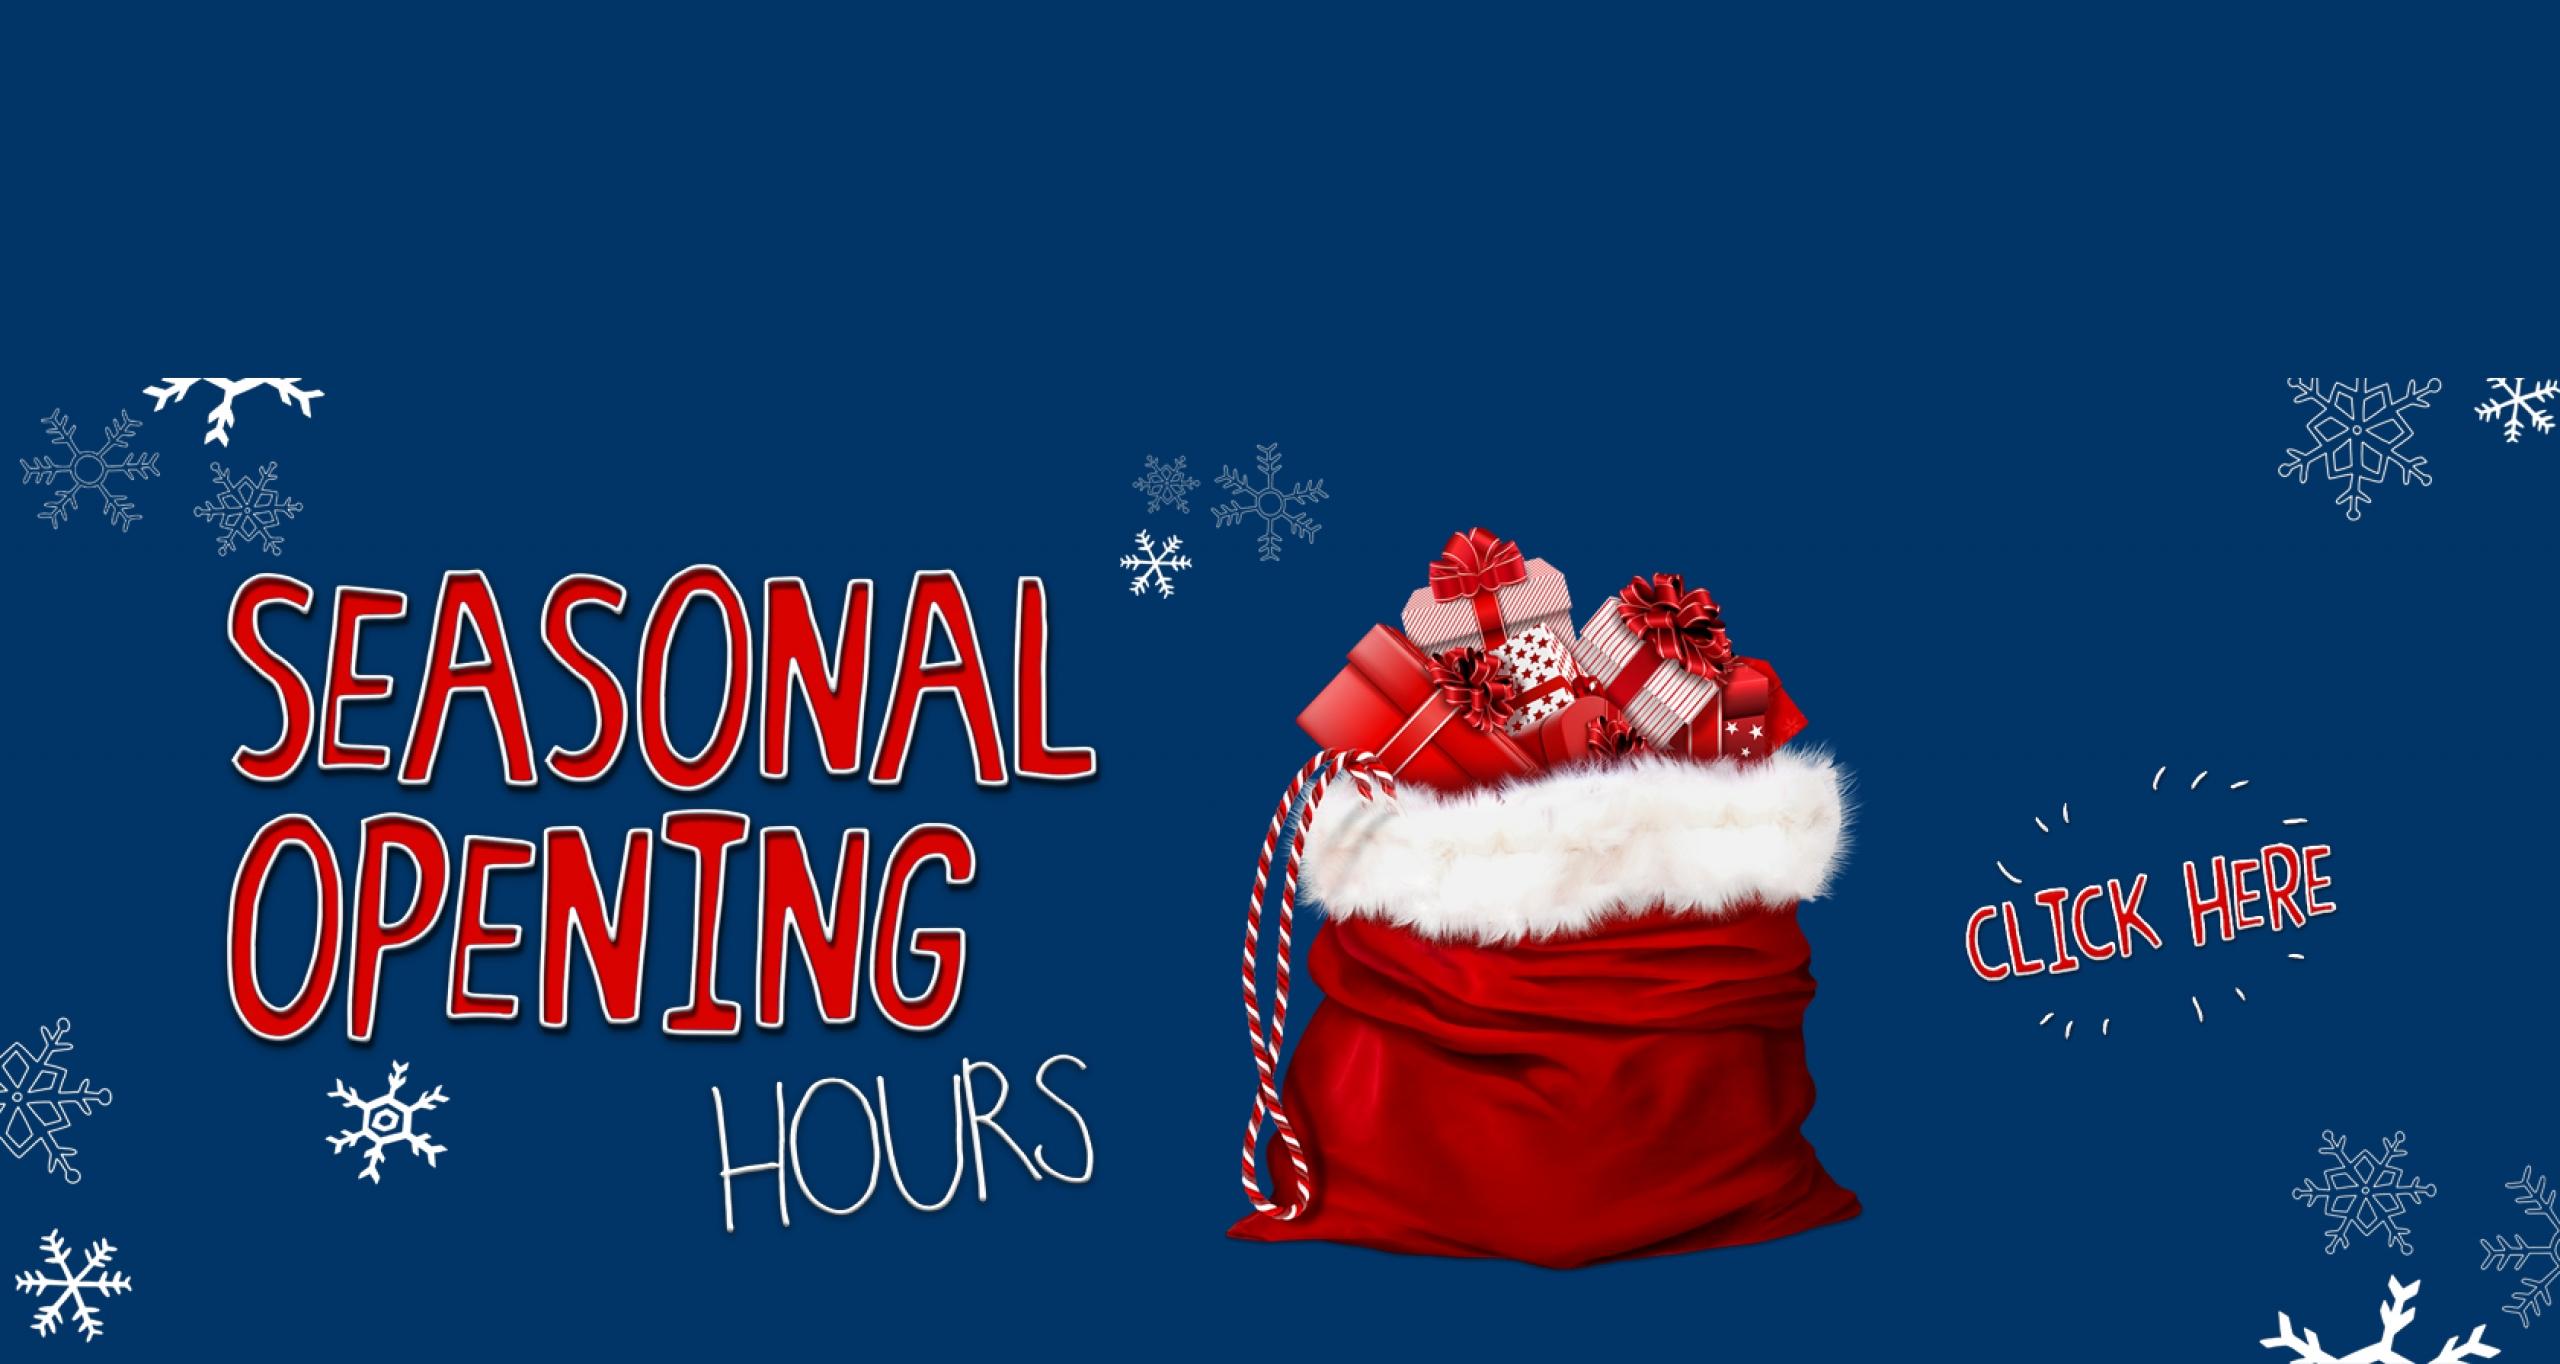 Broadway – opening hours website banner